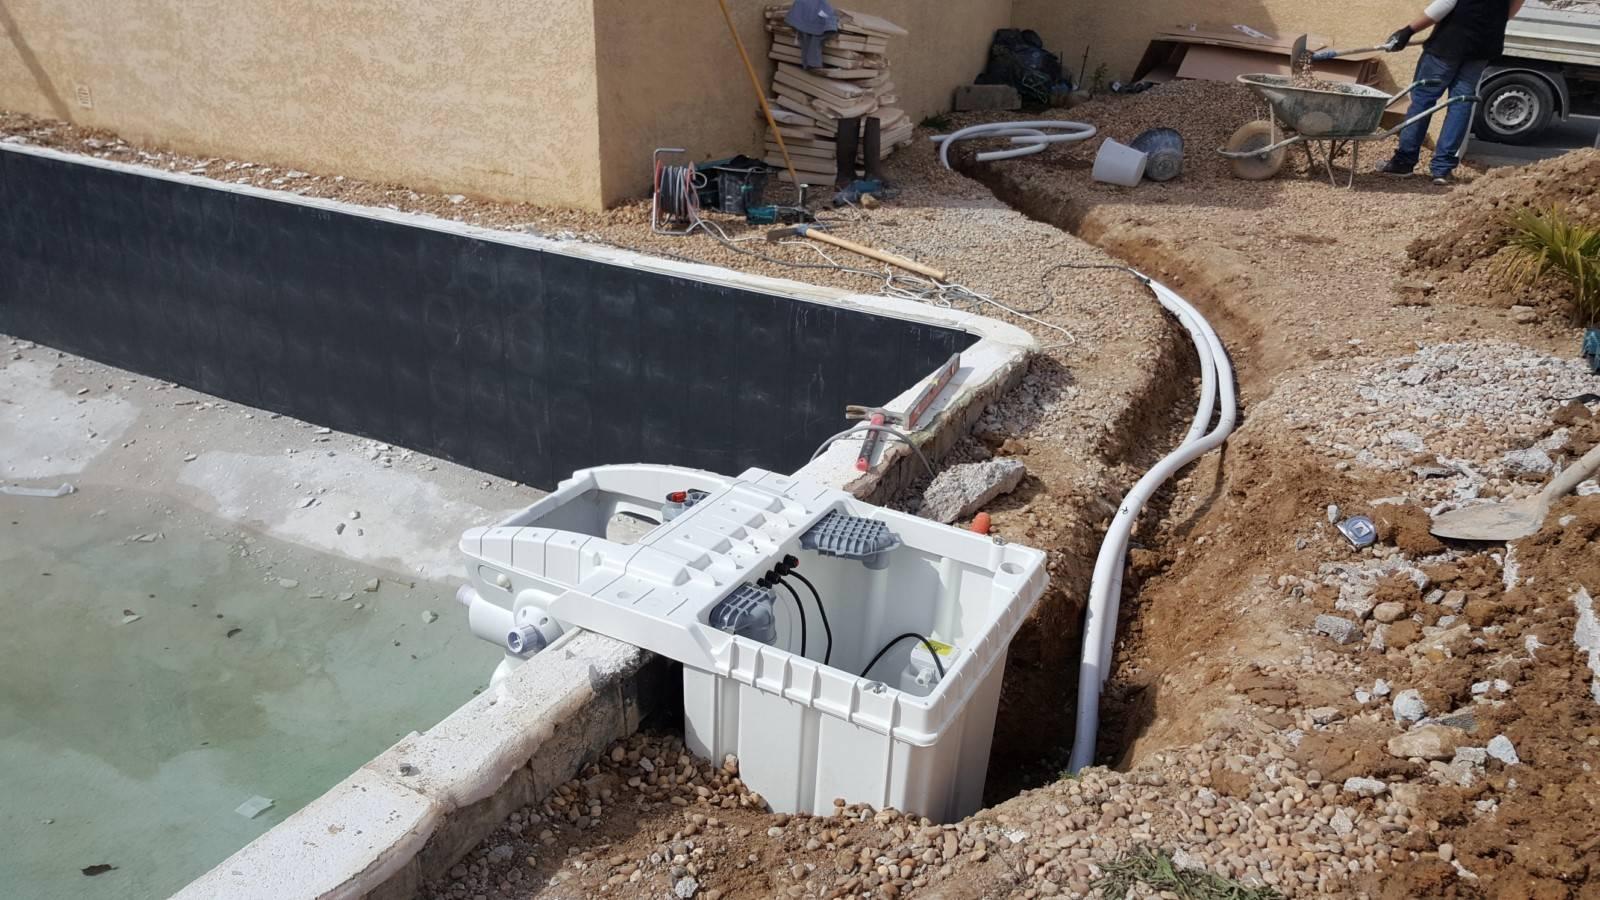 Rénovation D'une Piscine Desjoyaux De 8X4 Mètres ... intérieur Pompe A Chaleur Piscine Desjoyaux